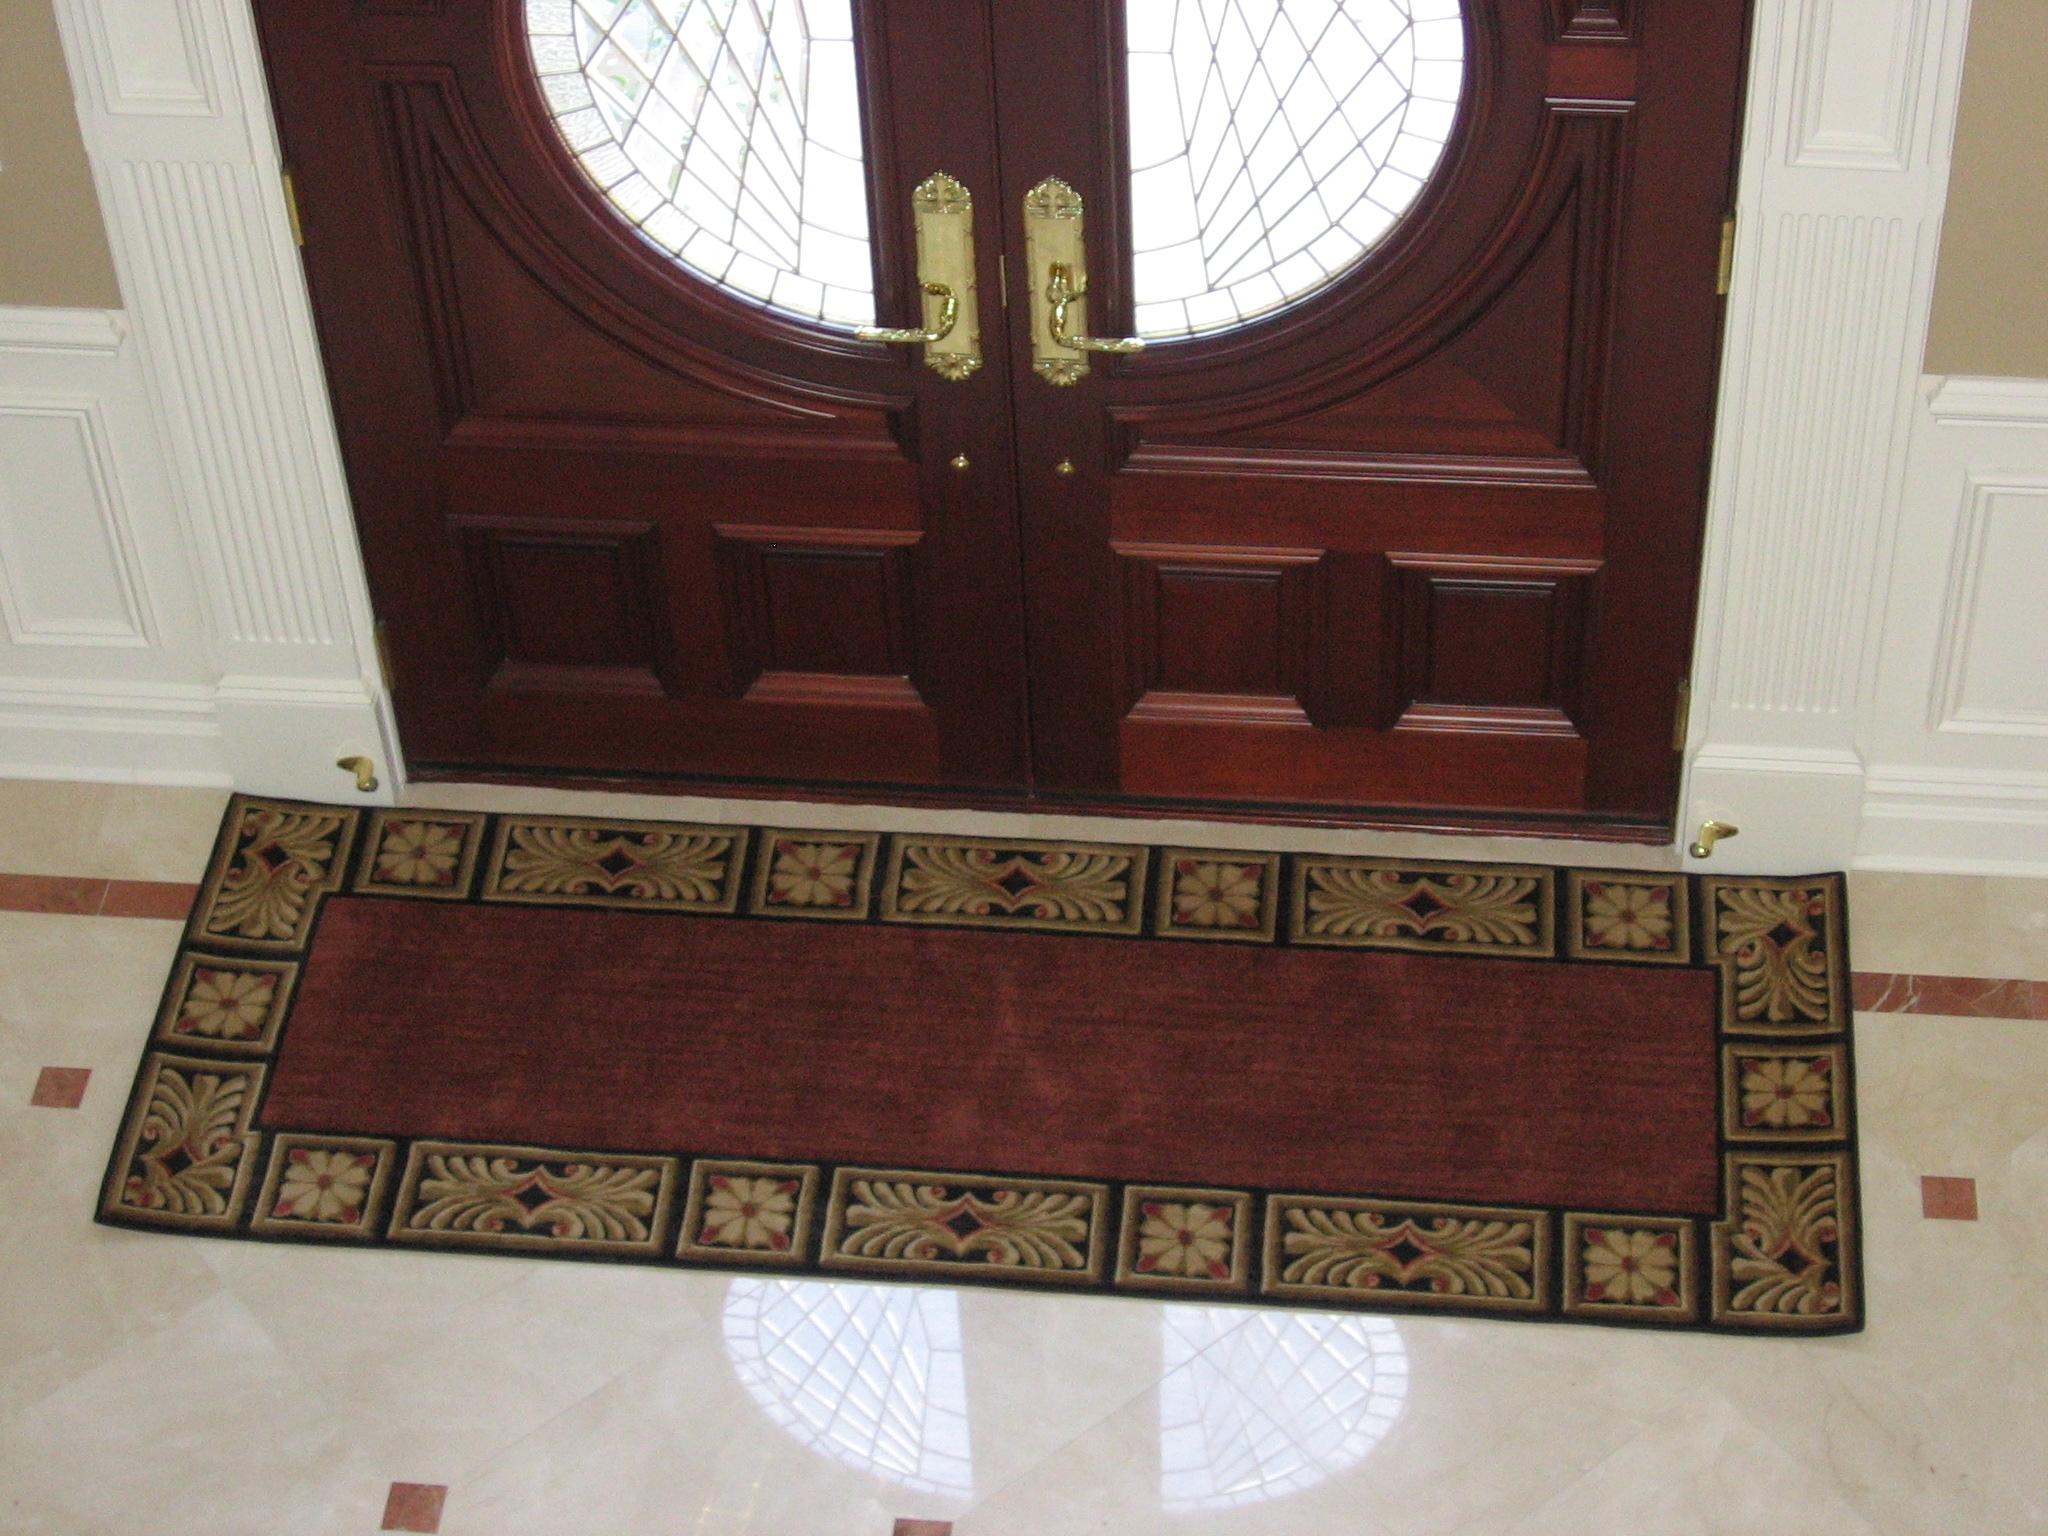 Custom Made Door Rug G Fried Carpet Design Paramus Nj Intended For Runners